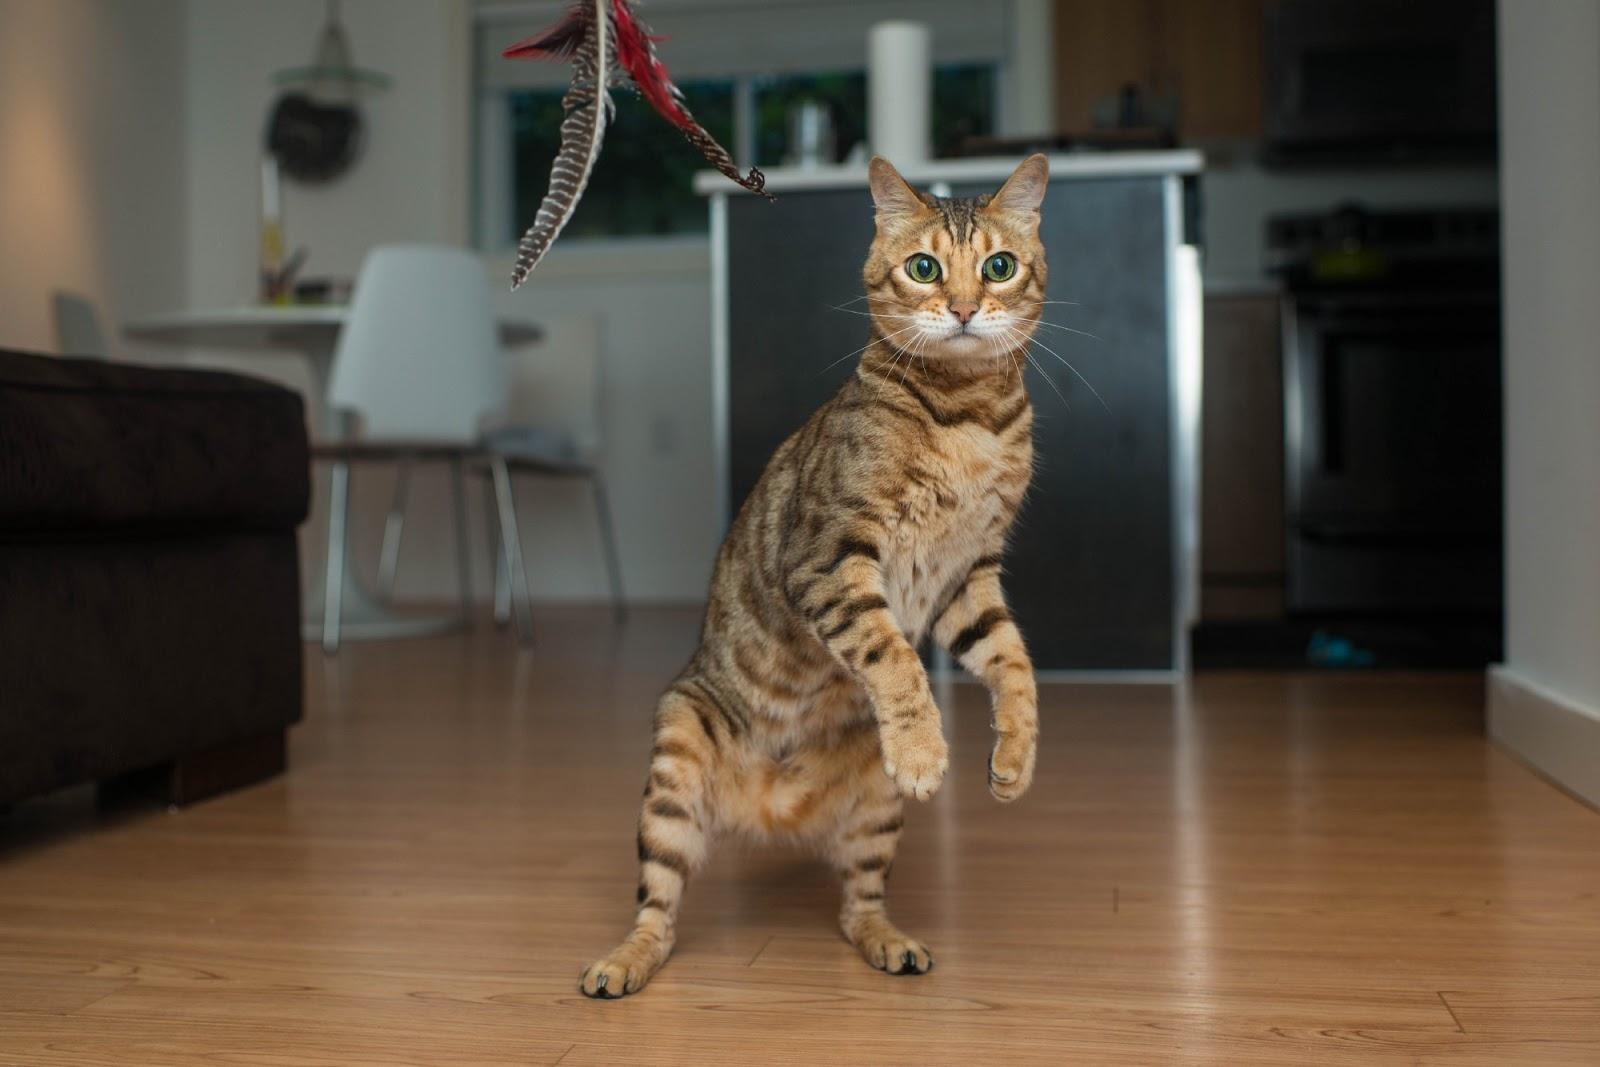 Leksugen katt om kvällen